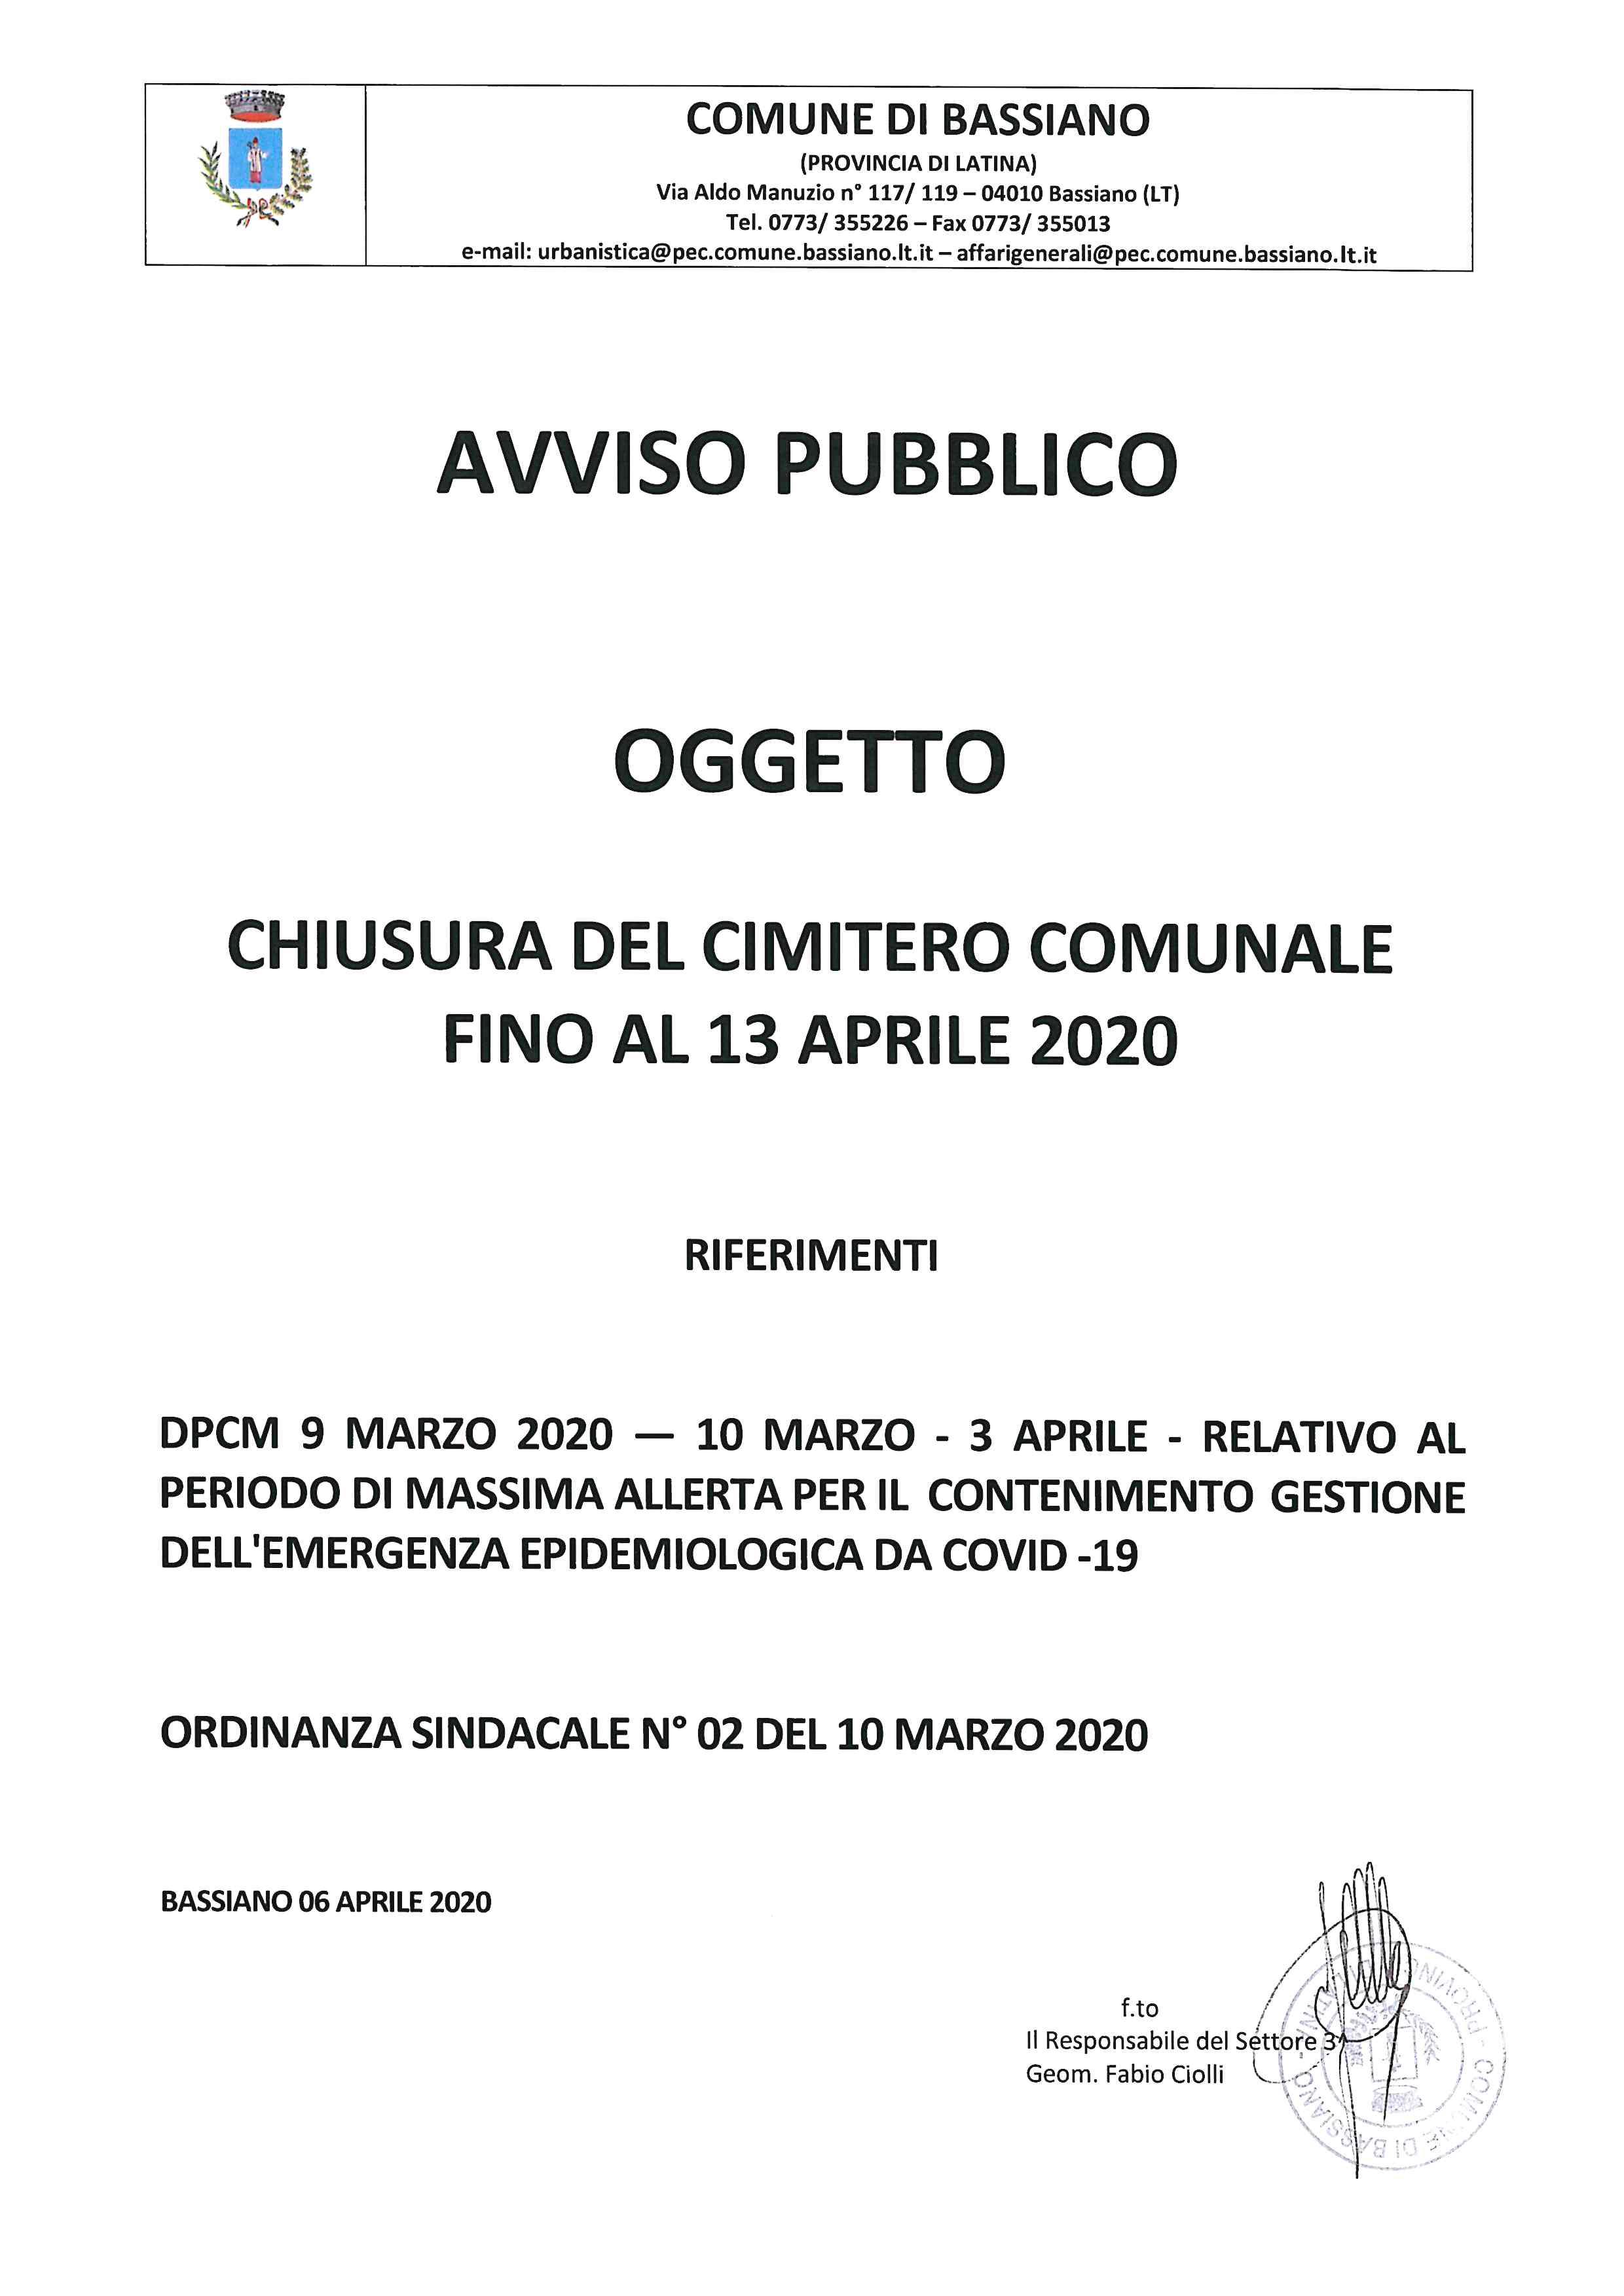 CHIUSURA DEL CIMITERO COMUNALE FINO AL 13 APRILE 2020